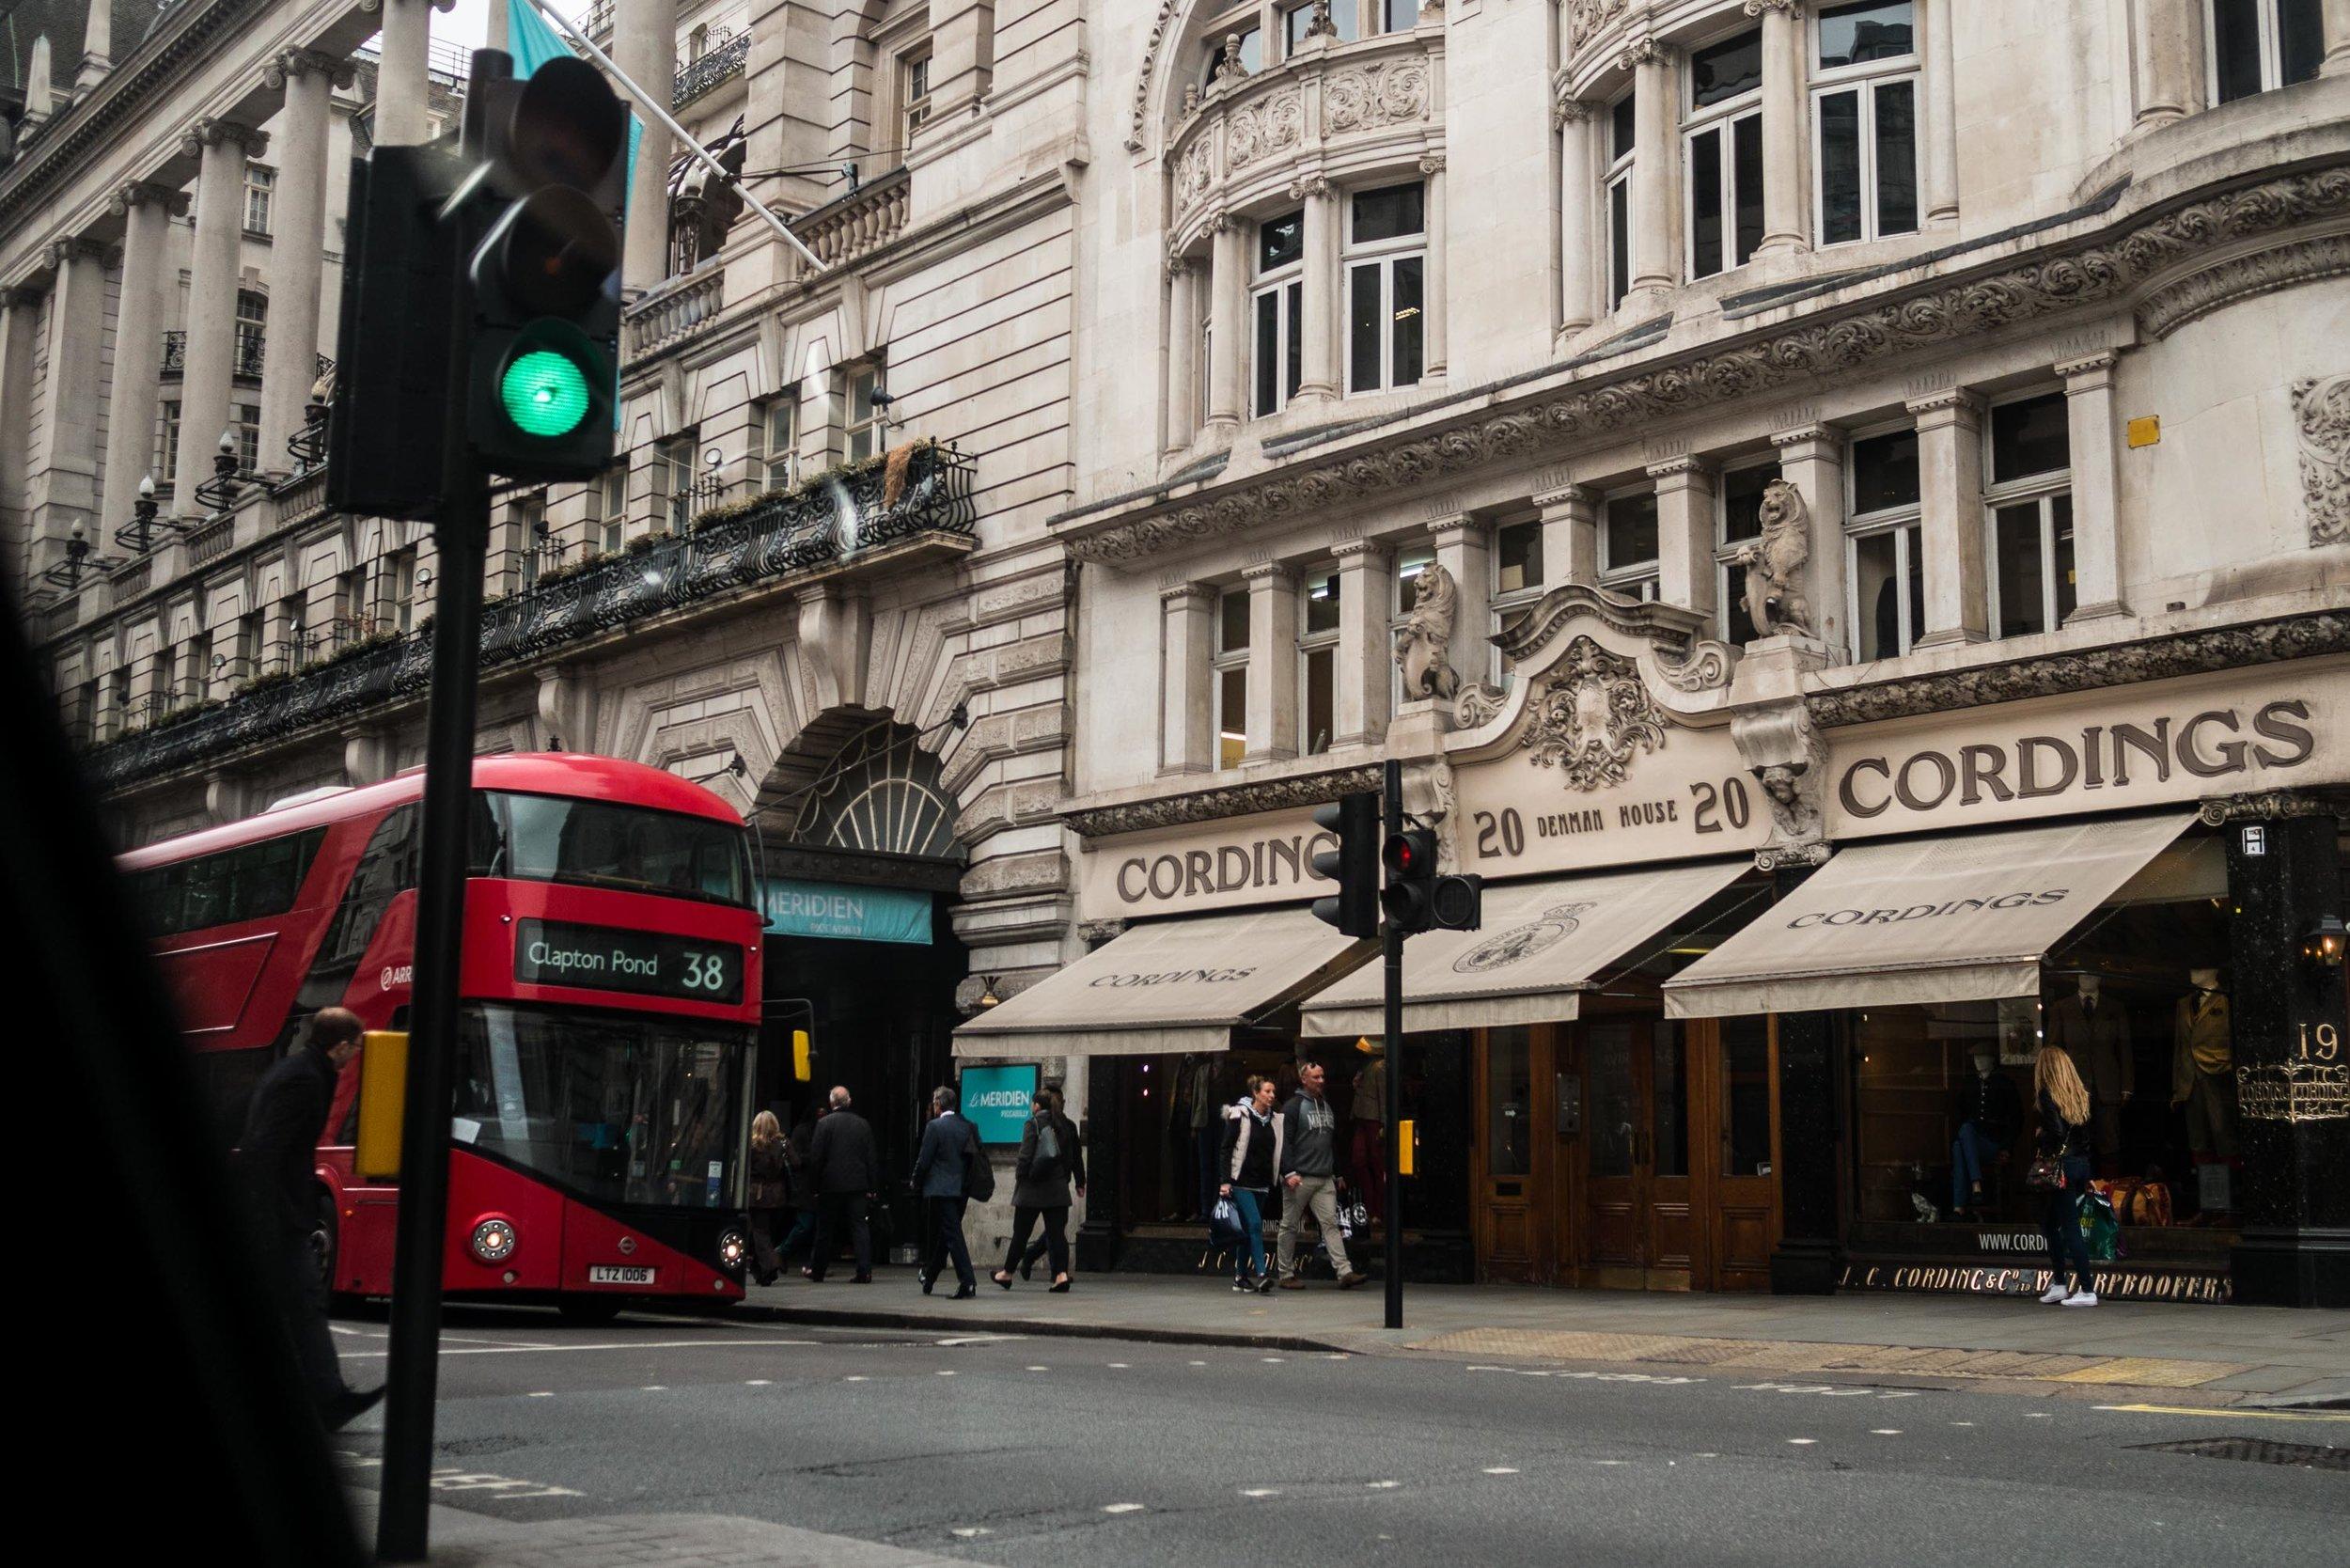 MYBELONGING-TOMMYLEI-LONDON-CITY-GUIDE-TRAVEL-PHOTOGRAPHY-PANASONIC-LUMIX-GF7-64.jpg